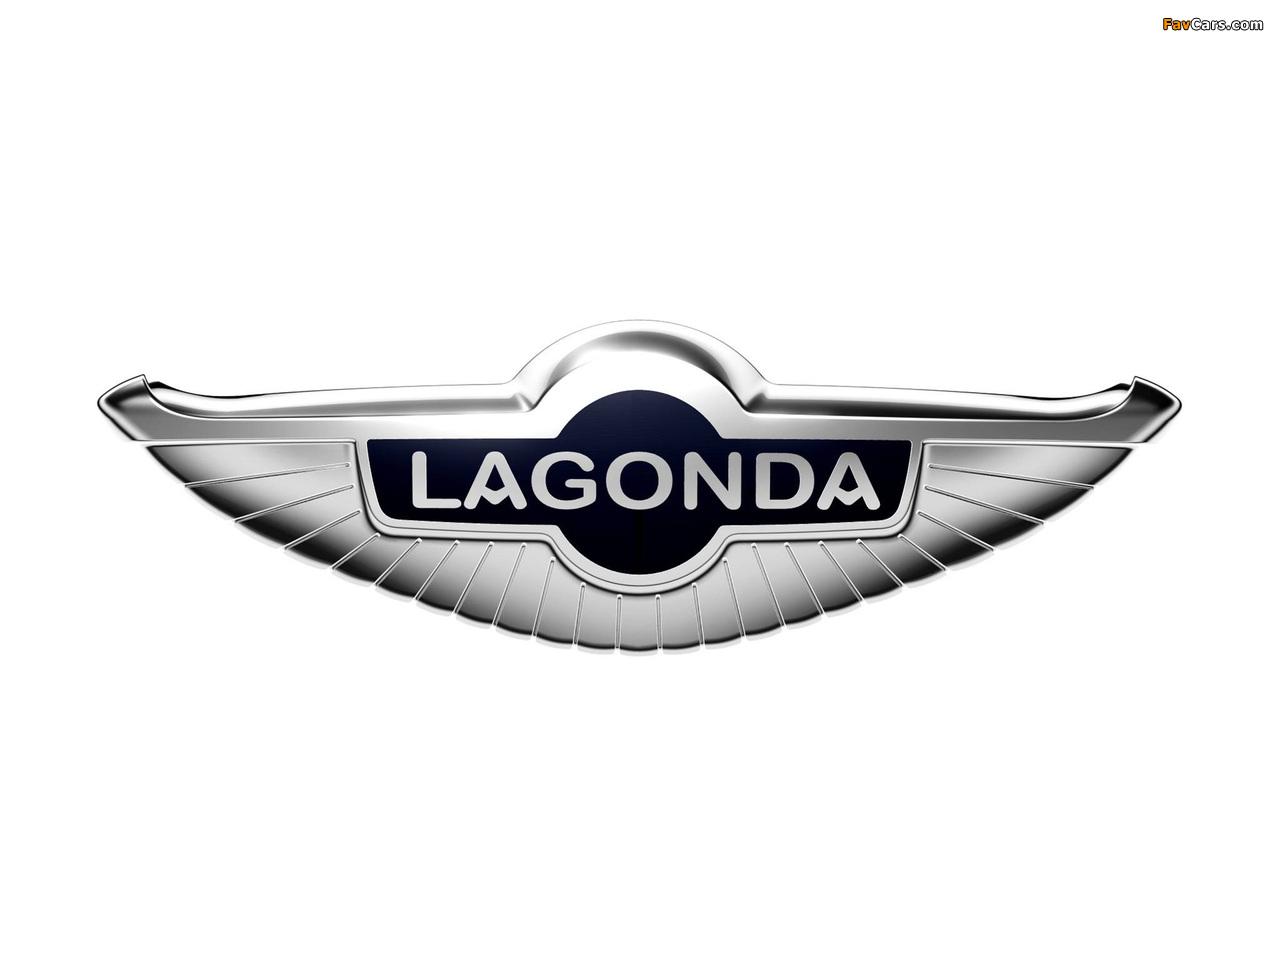 Images of Lagonda (1280 x 960)